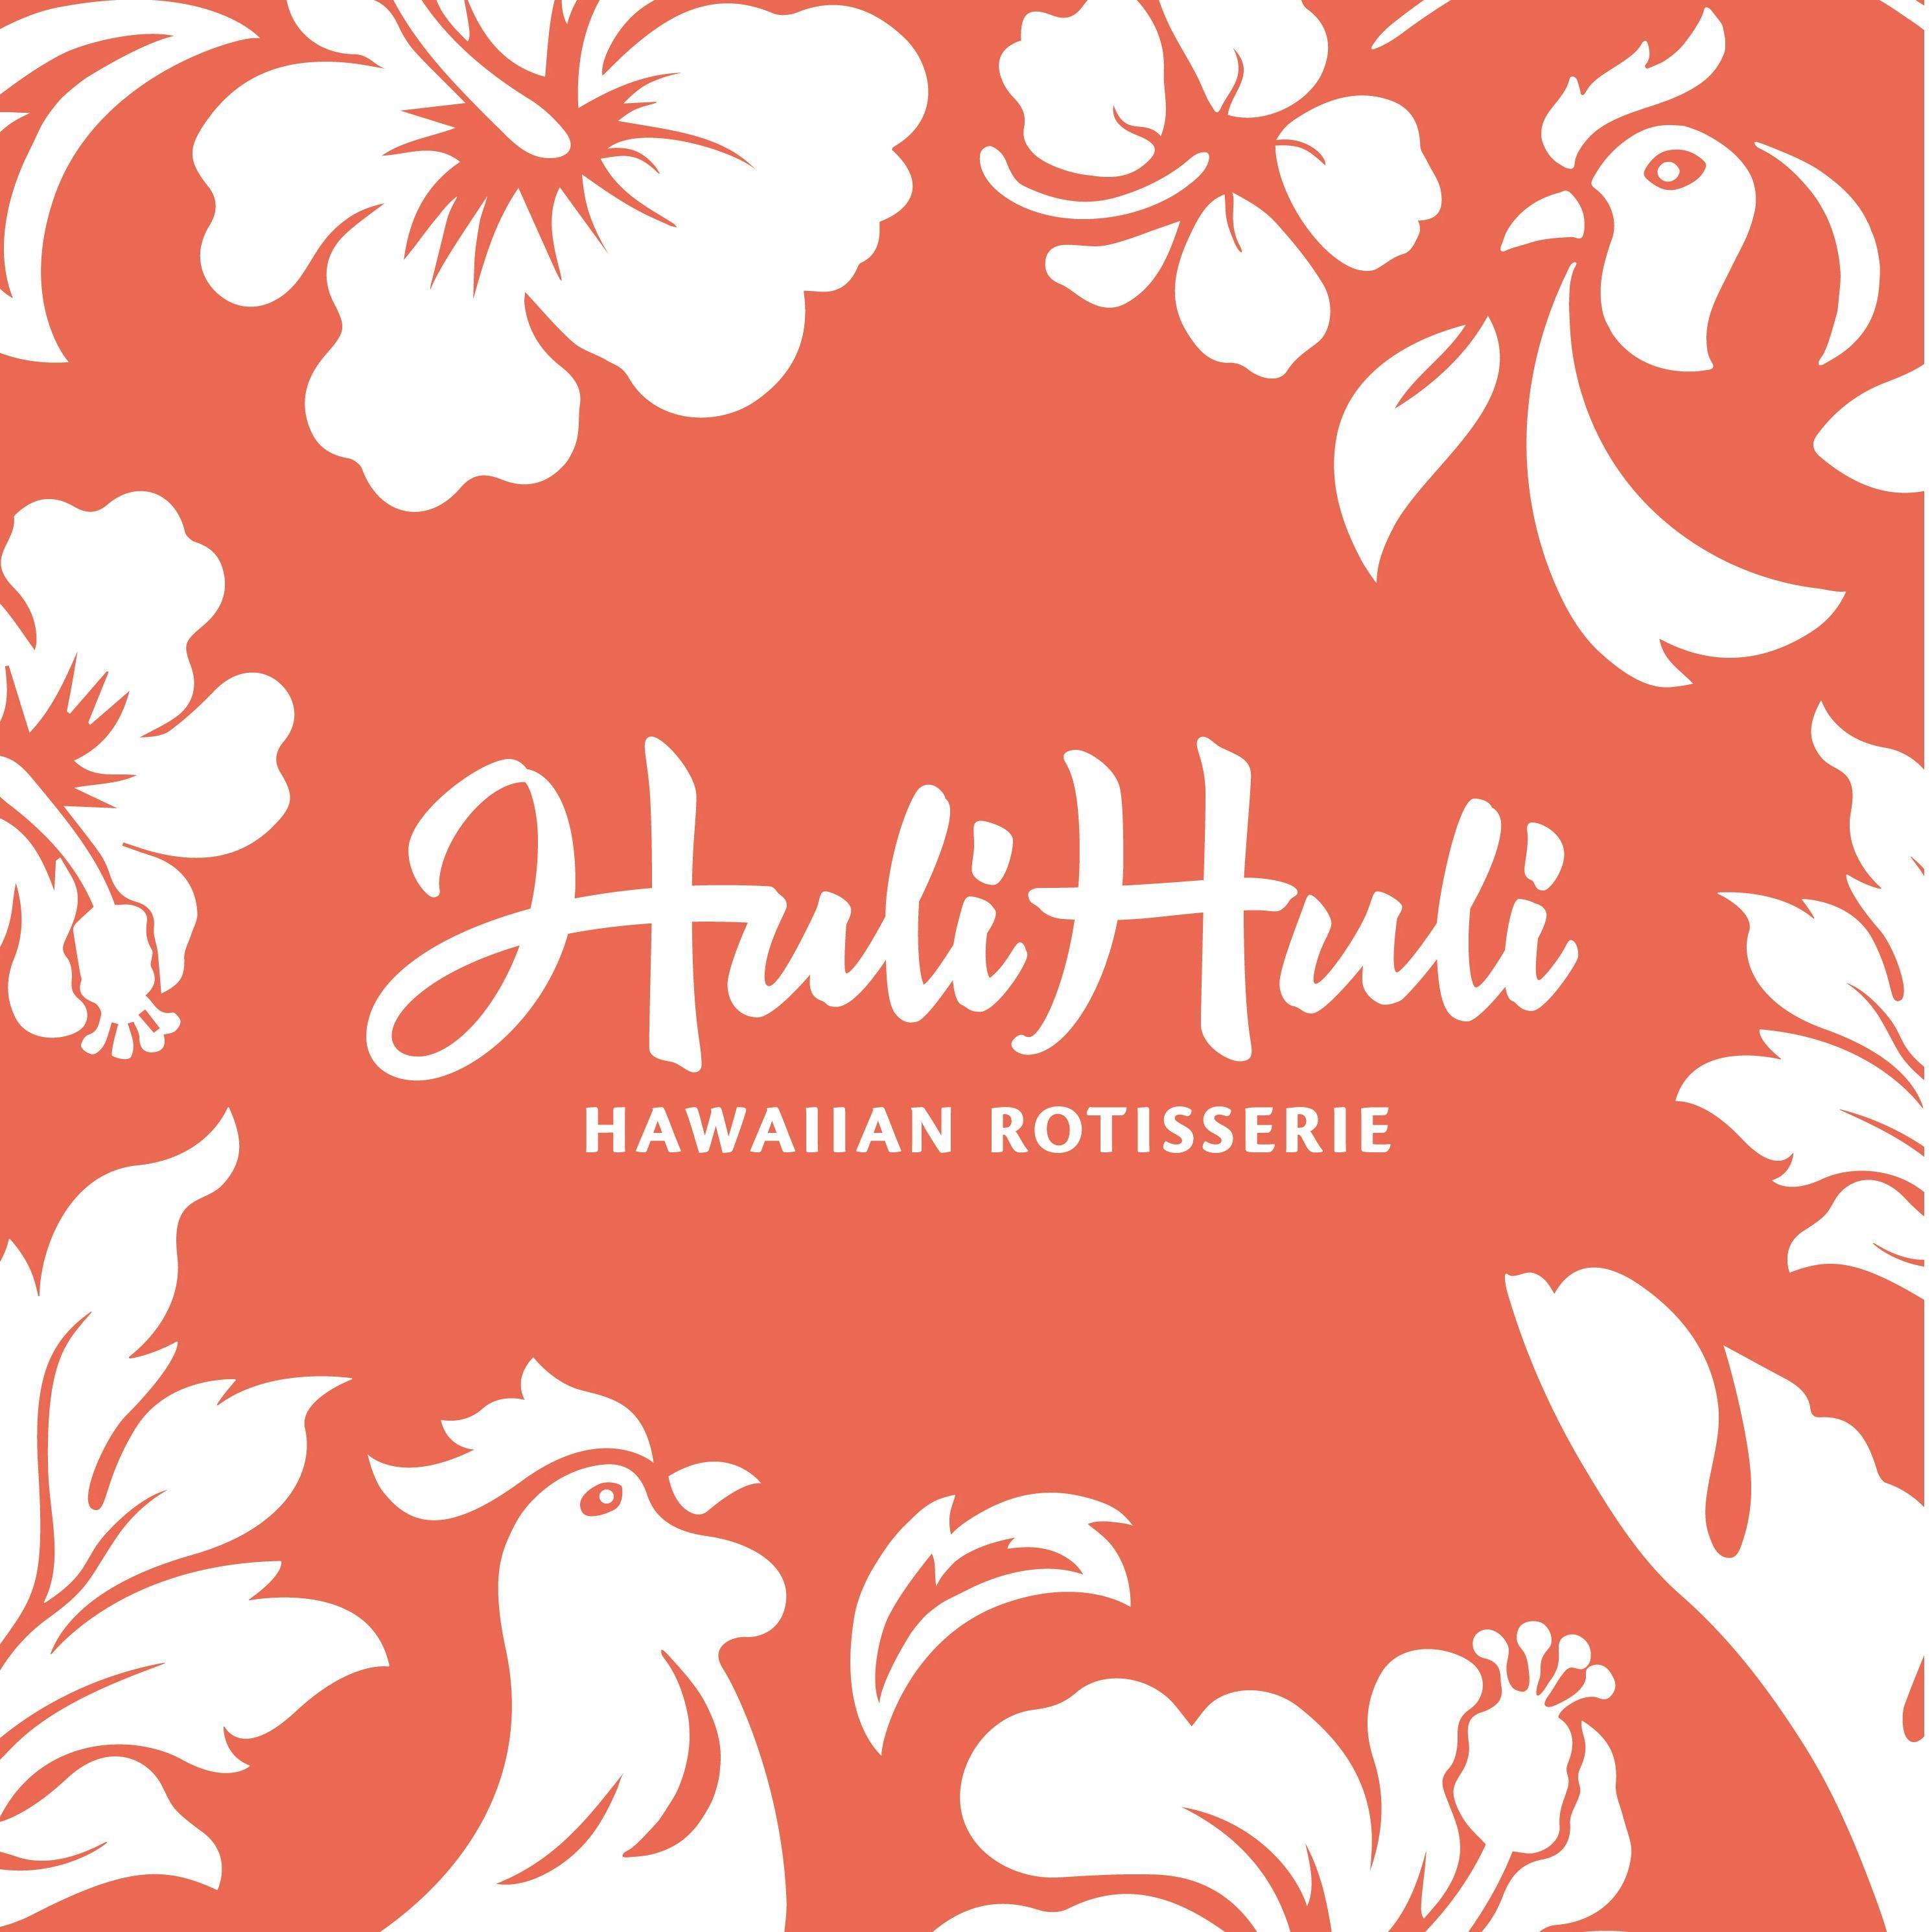 Huli Huli Hawaiian Rotisserie